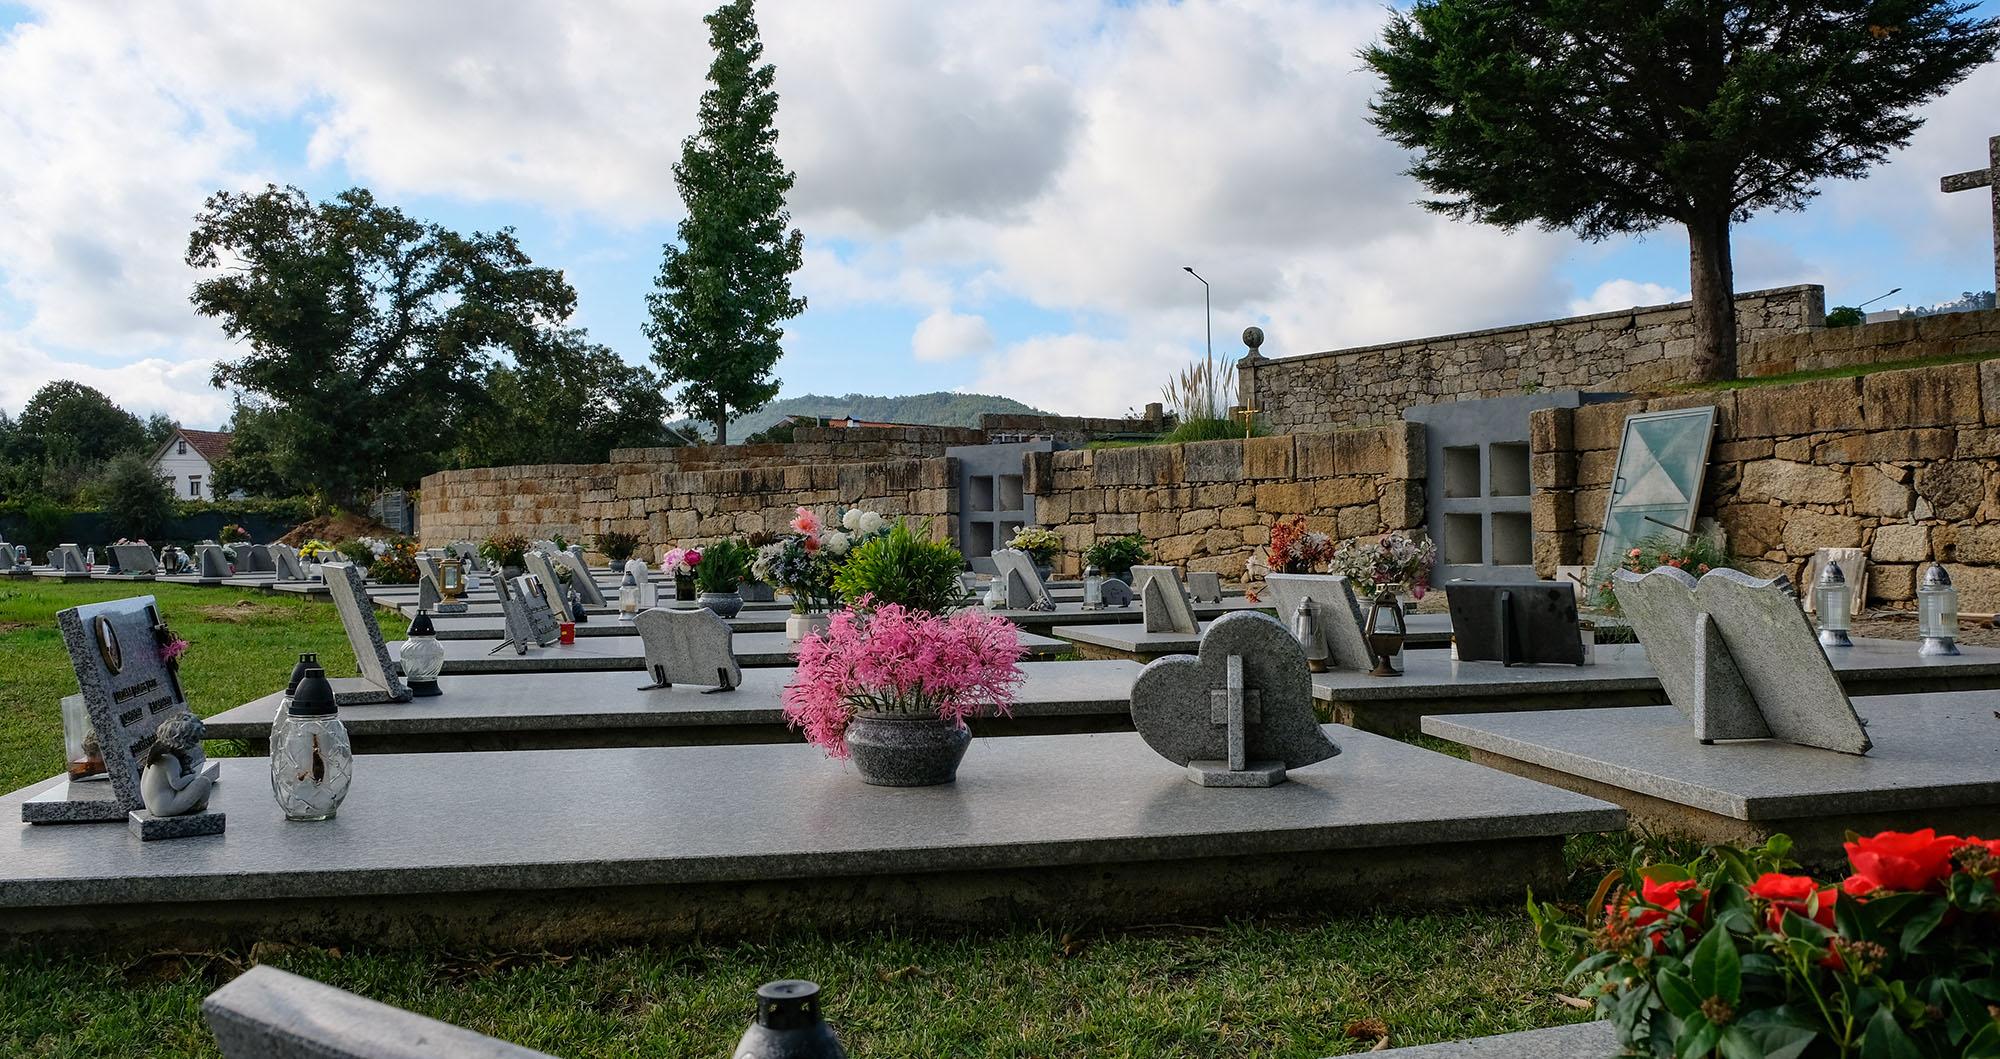 Cemitérios de Arouca encerrados de 31 de outubro a 2 de novembro